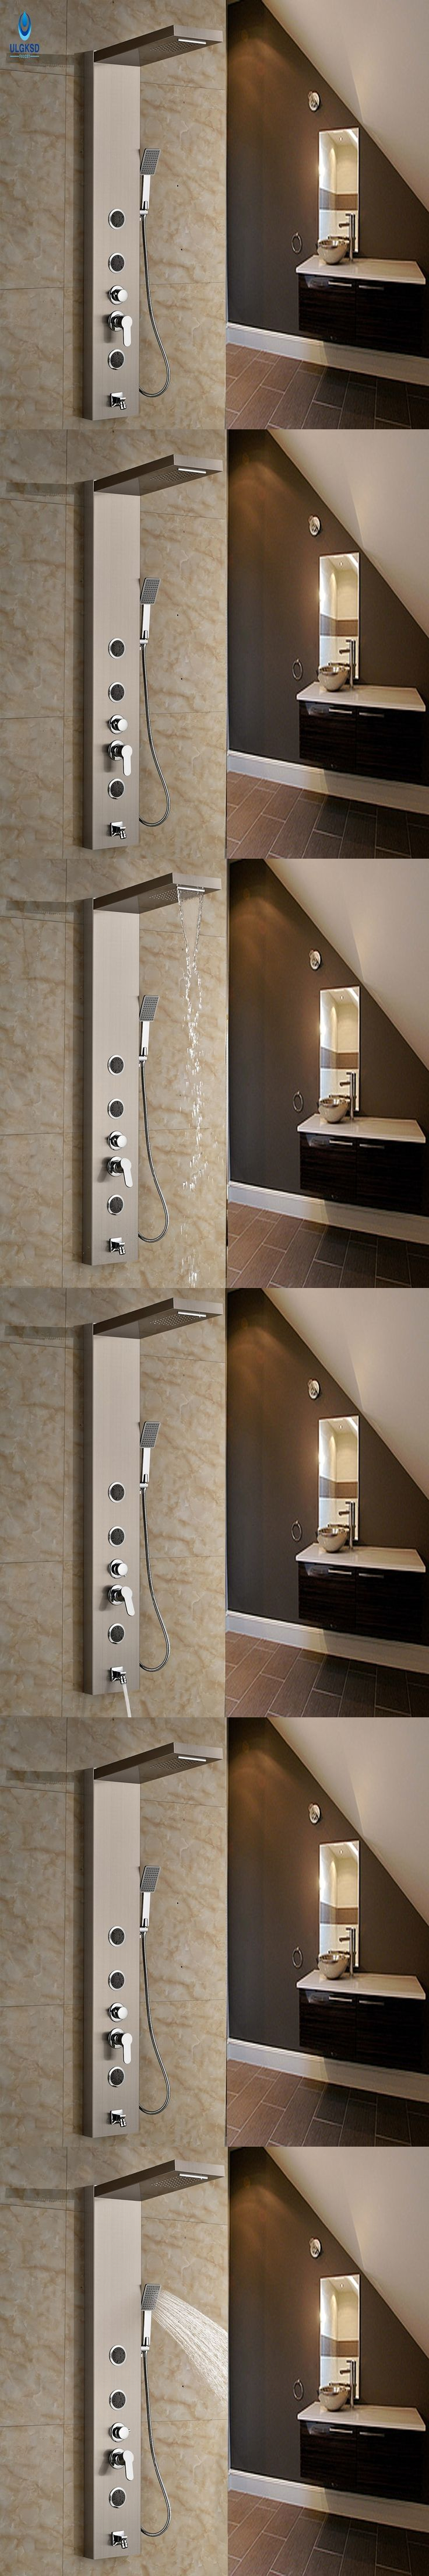 Ulgksd Stainless steel  Shower Column & Bathroom Shower Panel Handle  Nickle BrushedTub Spout  W/ Hand Shower Set Massage Jets